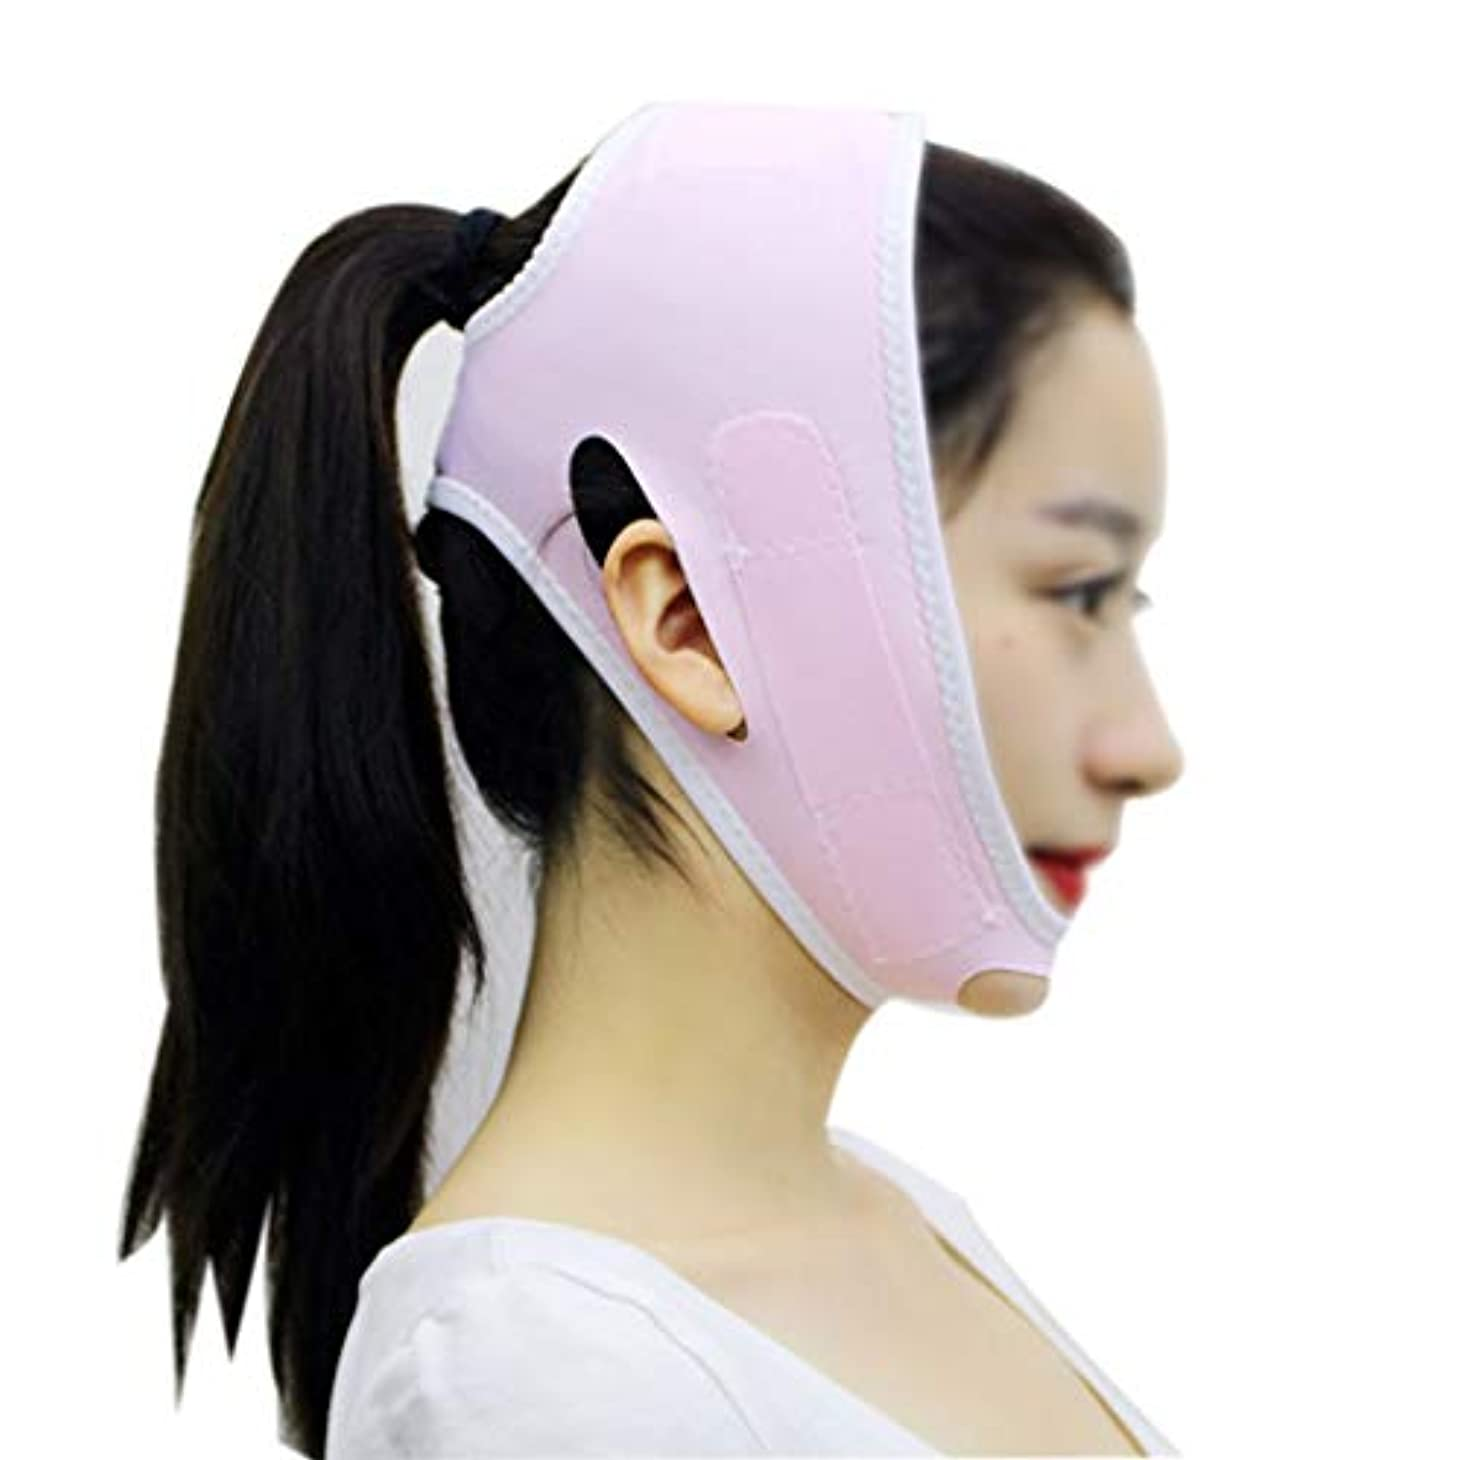 確認する動脈欠乏TLMY 引き締め肌の薄い二重あごマスクを強化するためのフェイスリフティング包帯回復マスク 顔用整形マスク (Color : Pink)